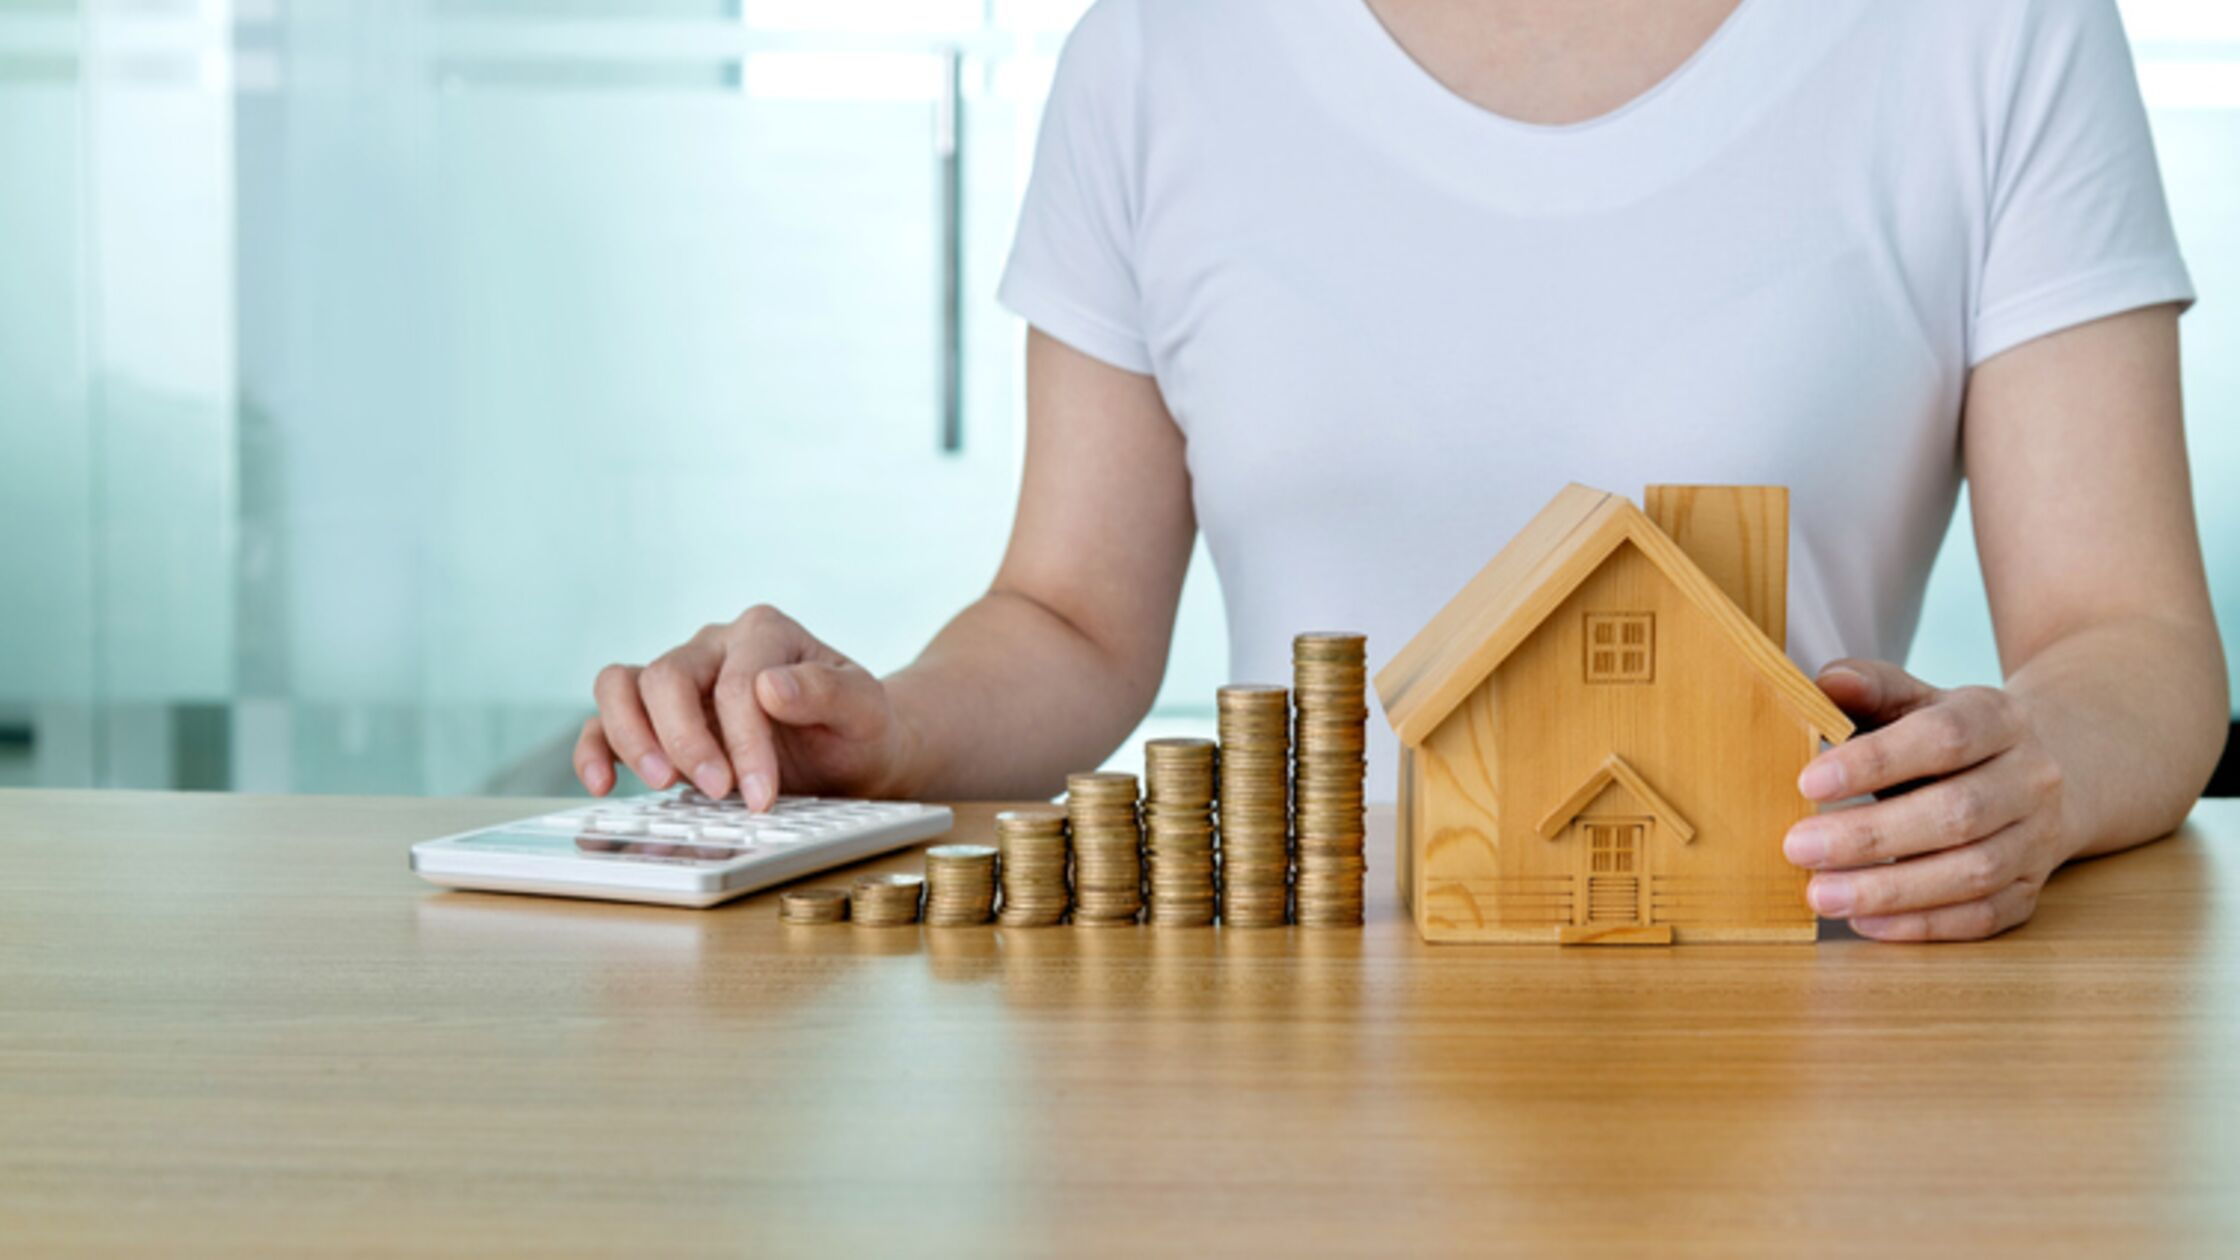 Hausbau-Kosten: Diese Ausgaben kommen auf Sie zu